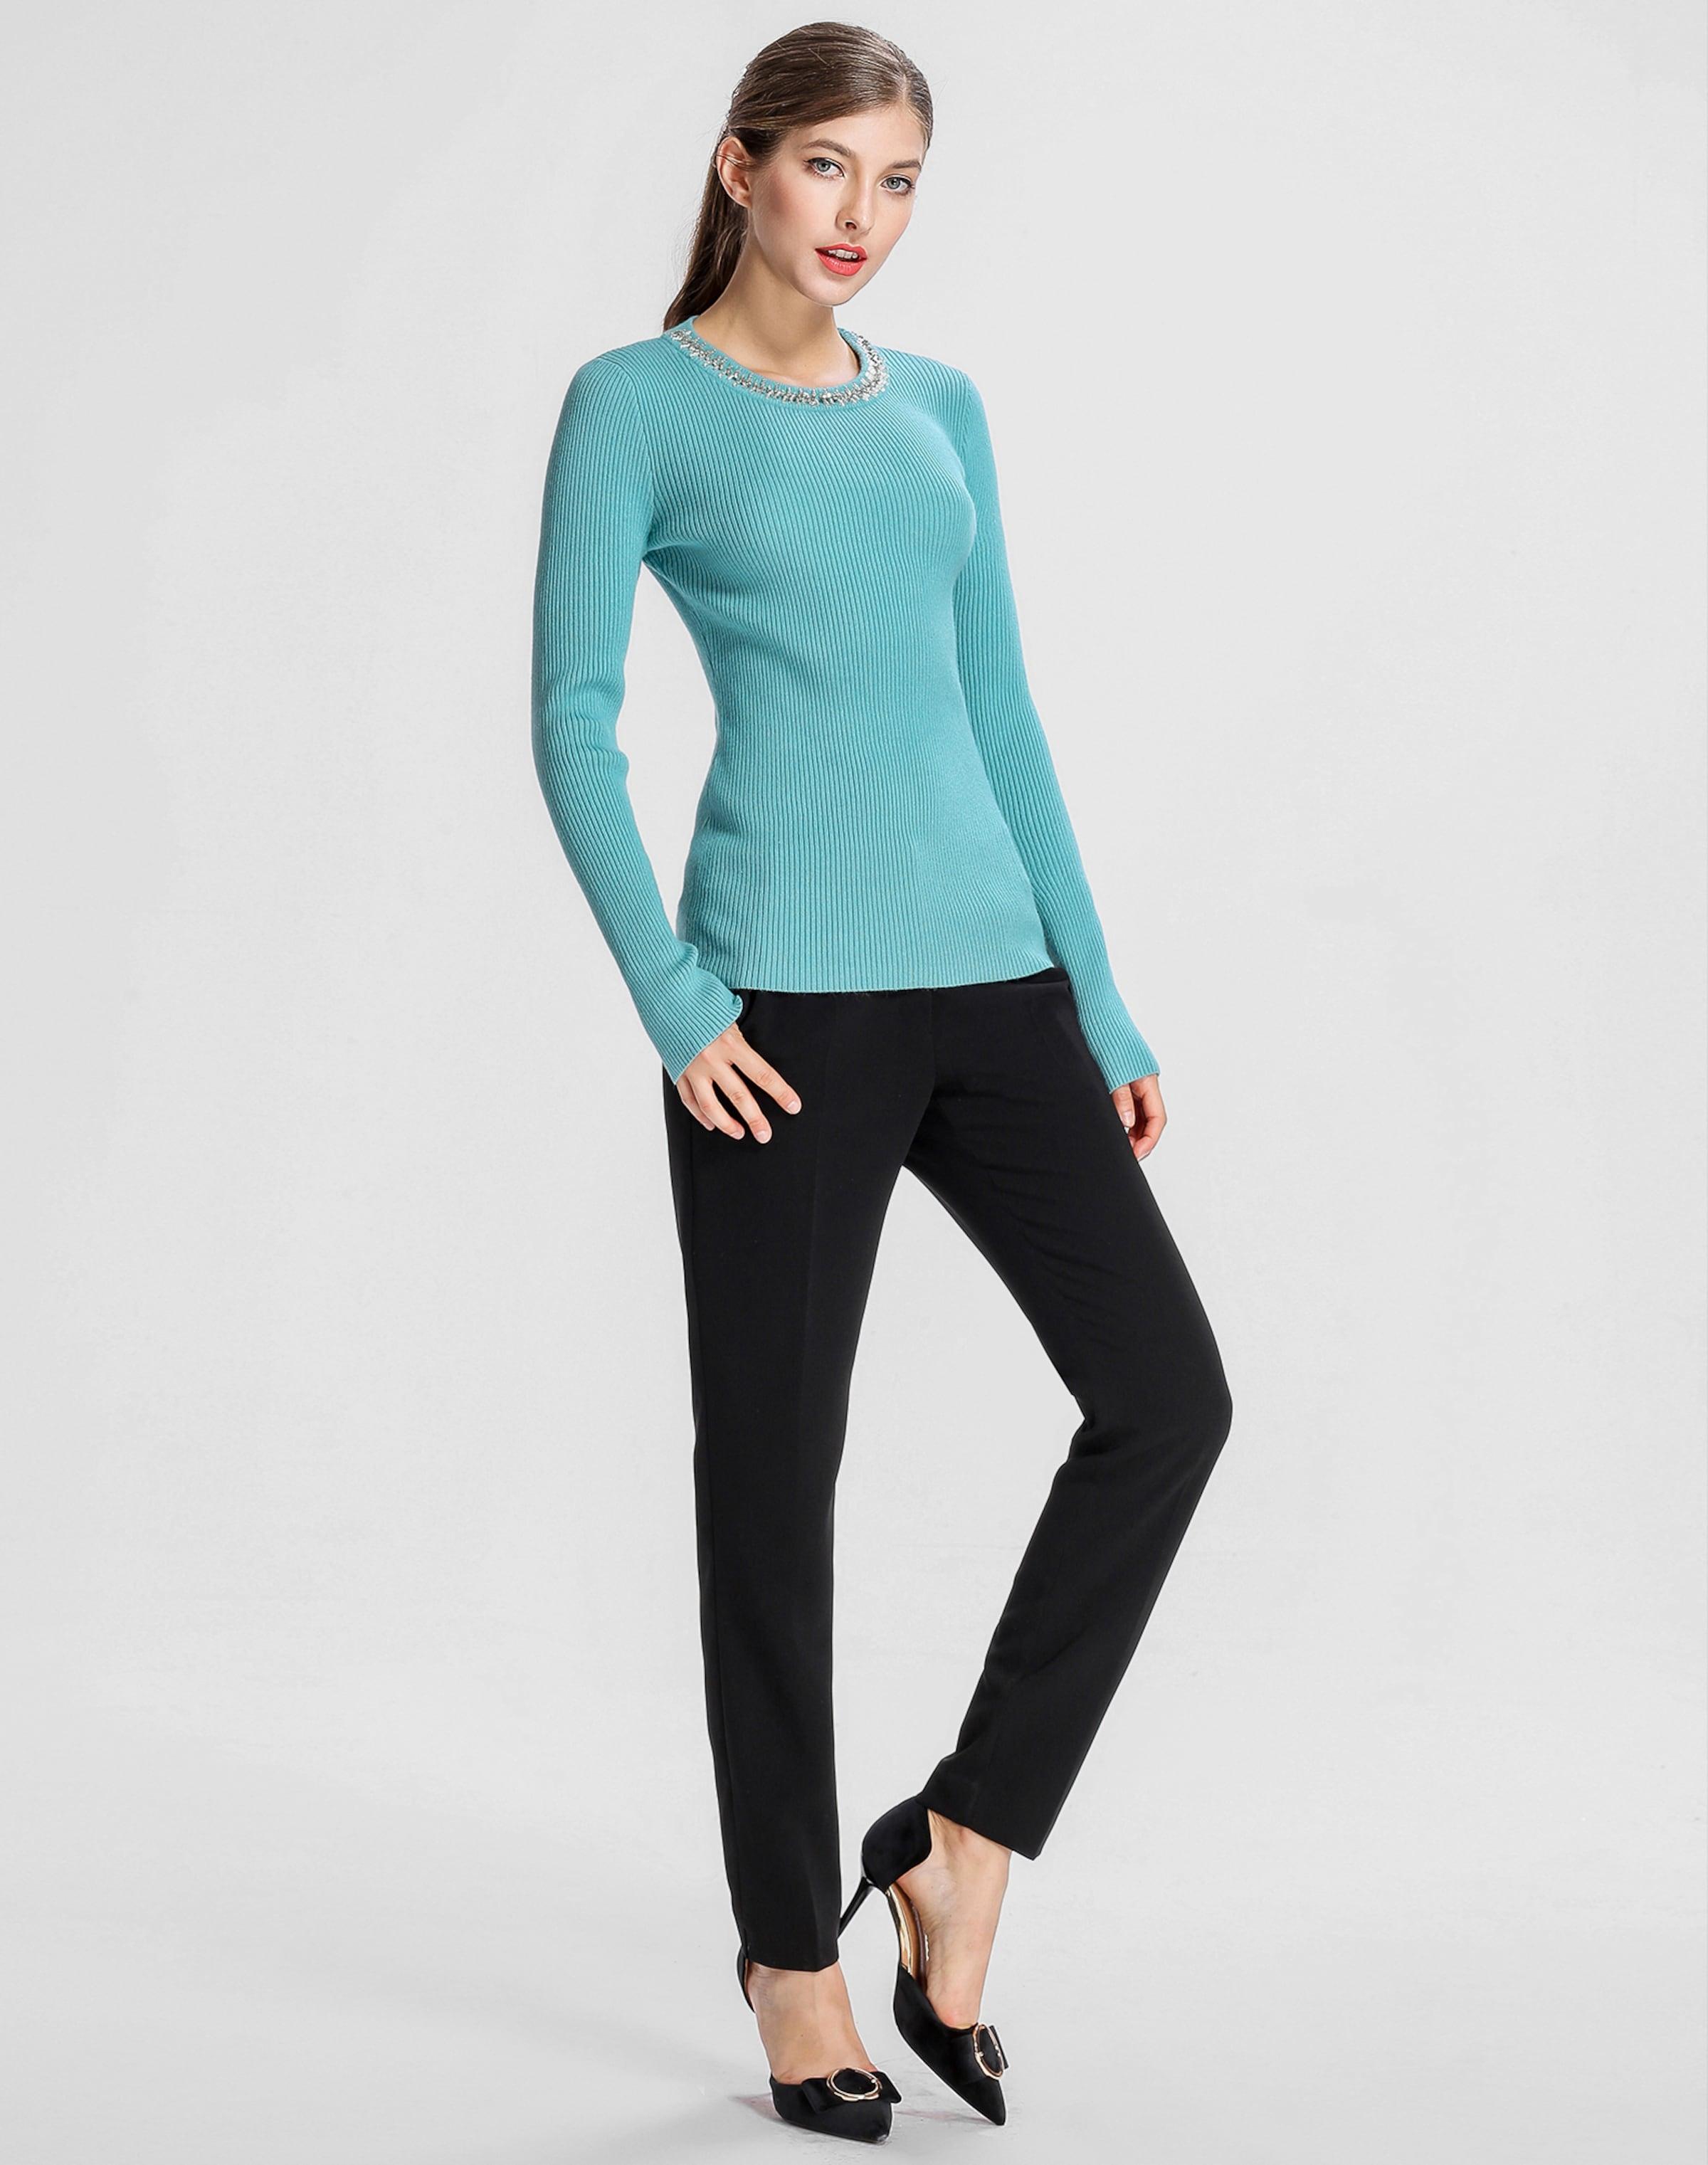 Niedrig Versandkosten Für Verkauf APART Pullover mit Perlen und Glasperlen am Ausschnitt Billig Verkauf Niedriger Versand qruj8m